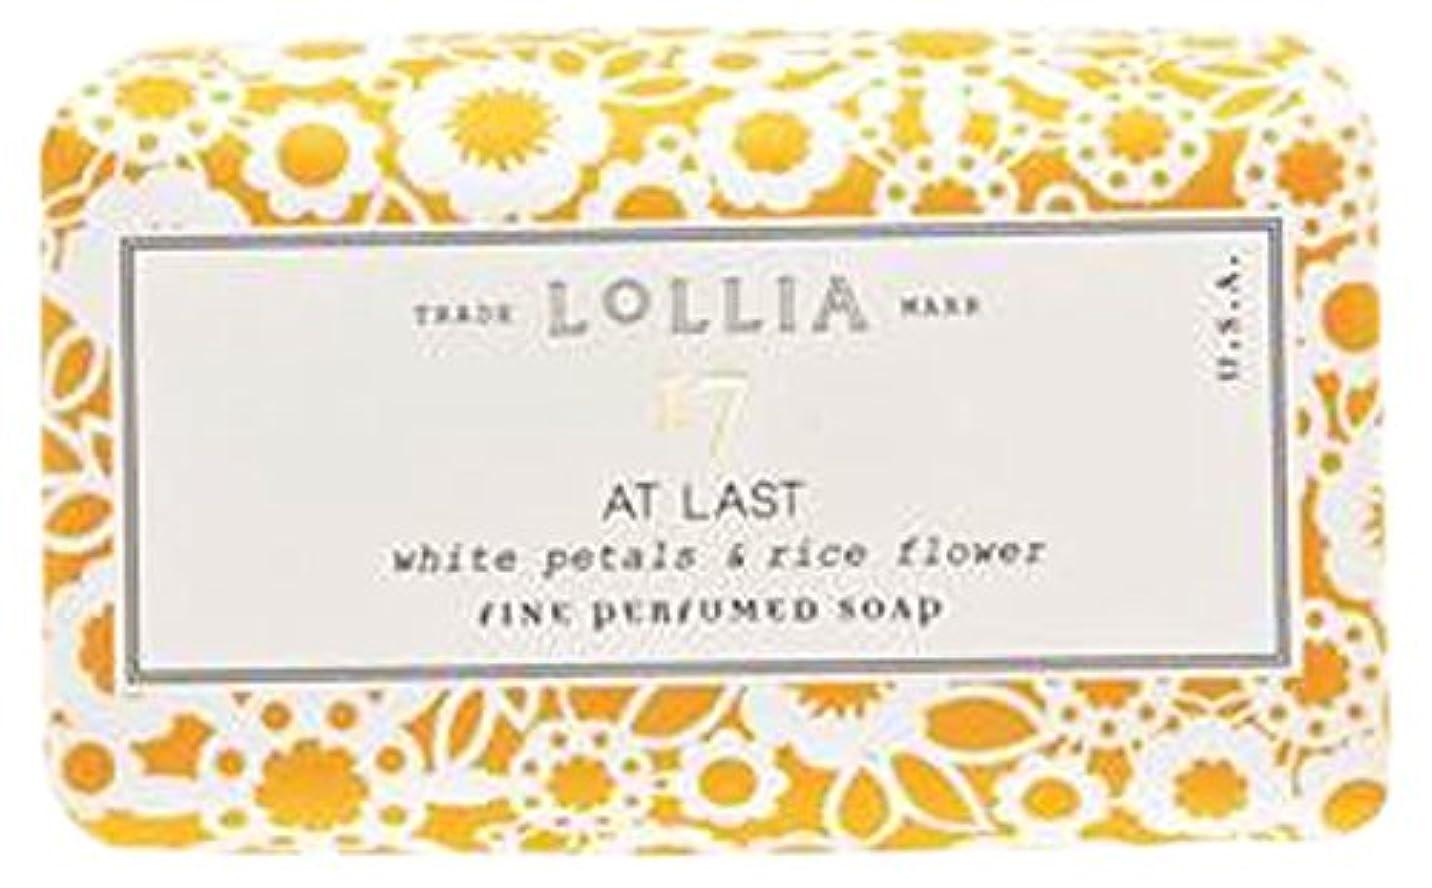 ハーブ失われたフィールドロリア(LoLLIA) フレグランスソープ140g AtLast(化粧石けん 全身用洗浄料 ライスフラワー、マグノリアとミモザの柔らかな花々の香り)